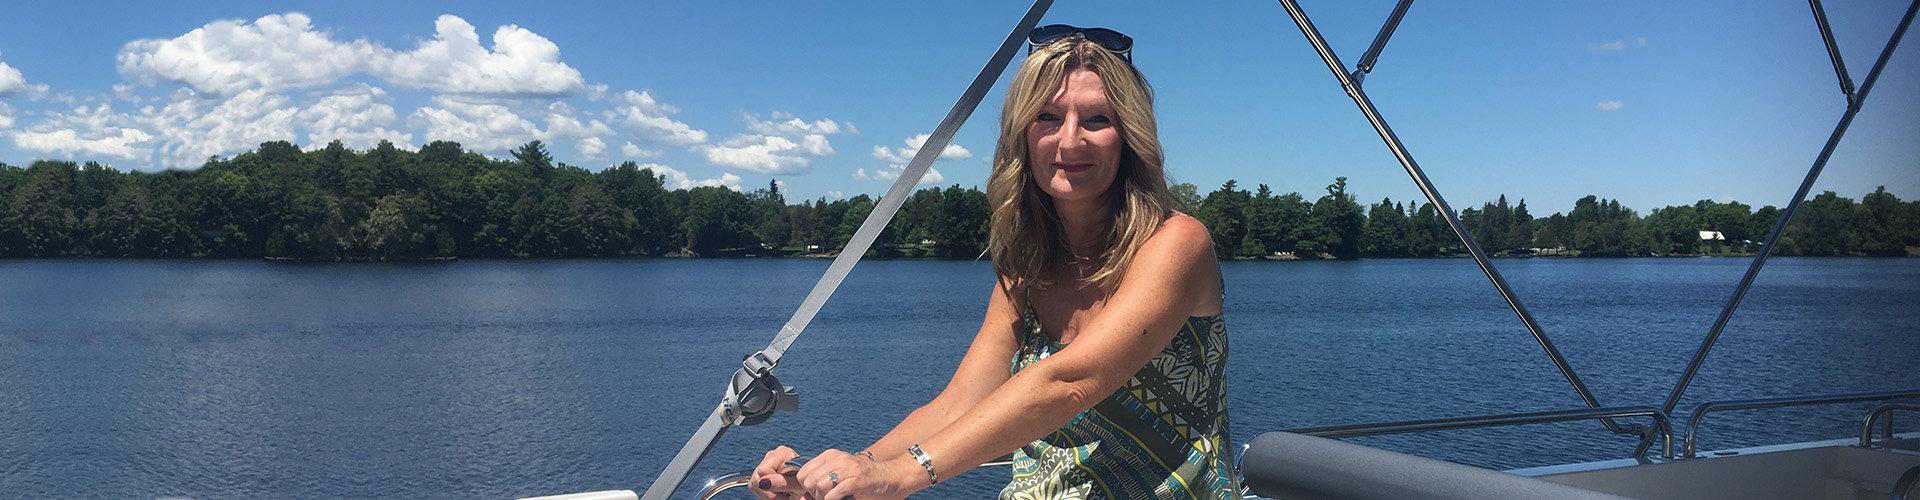 Cheryl Brown | Amministratore delegato | Le Boat